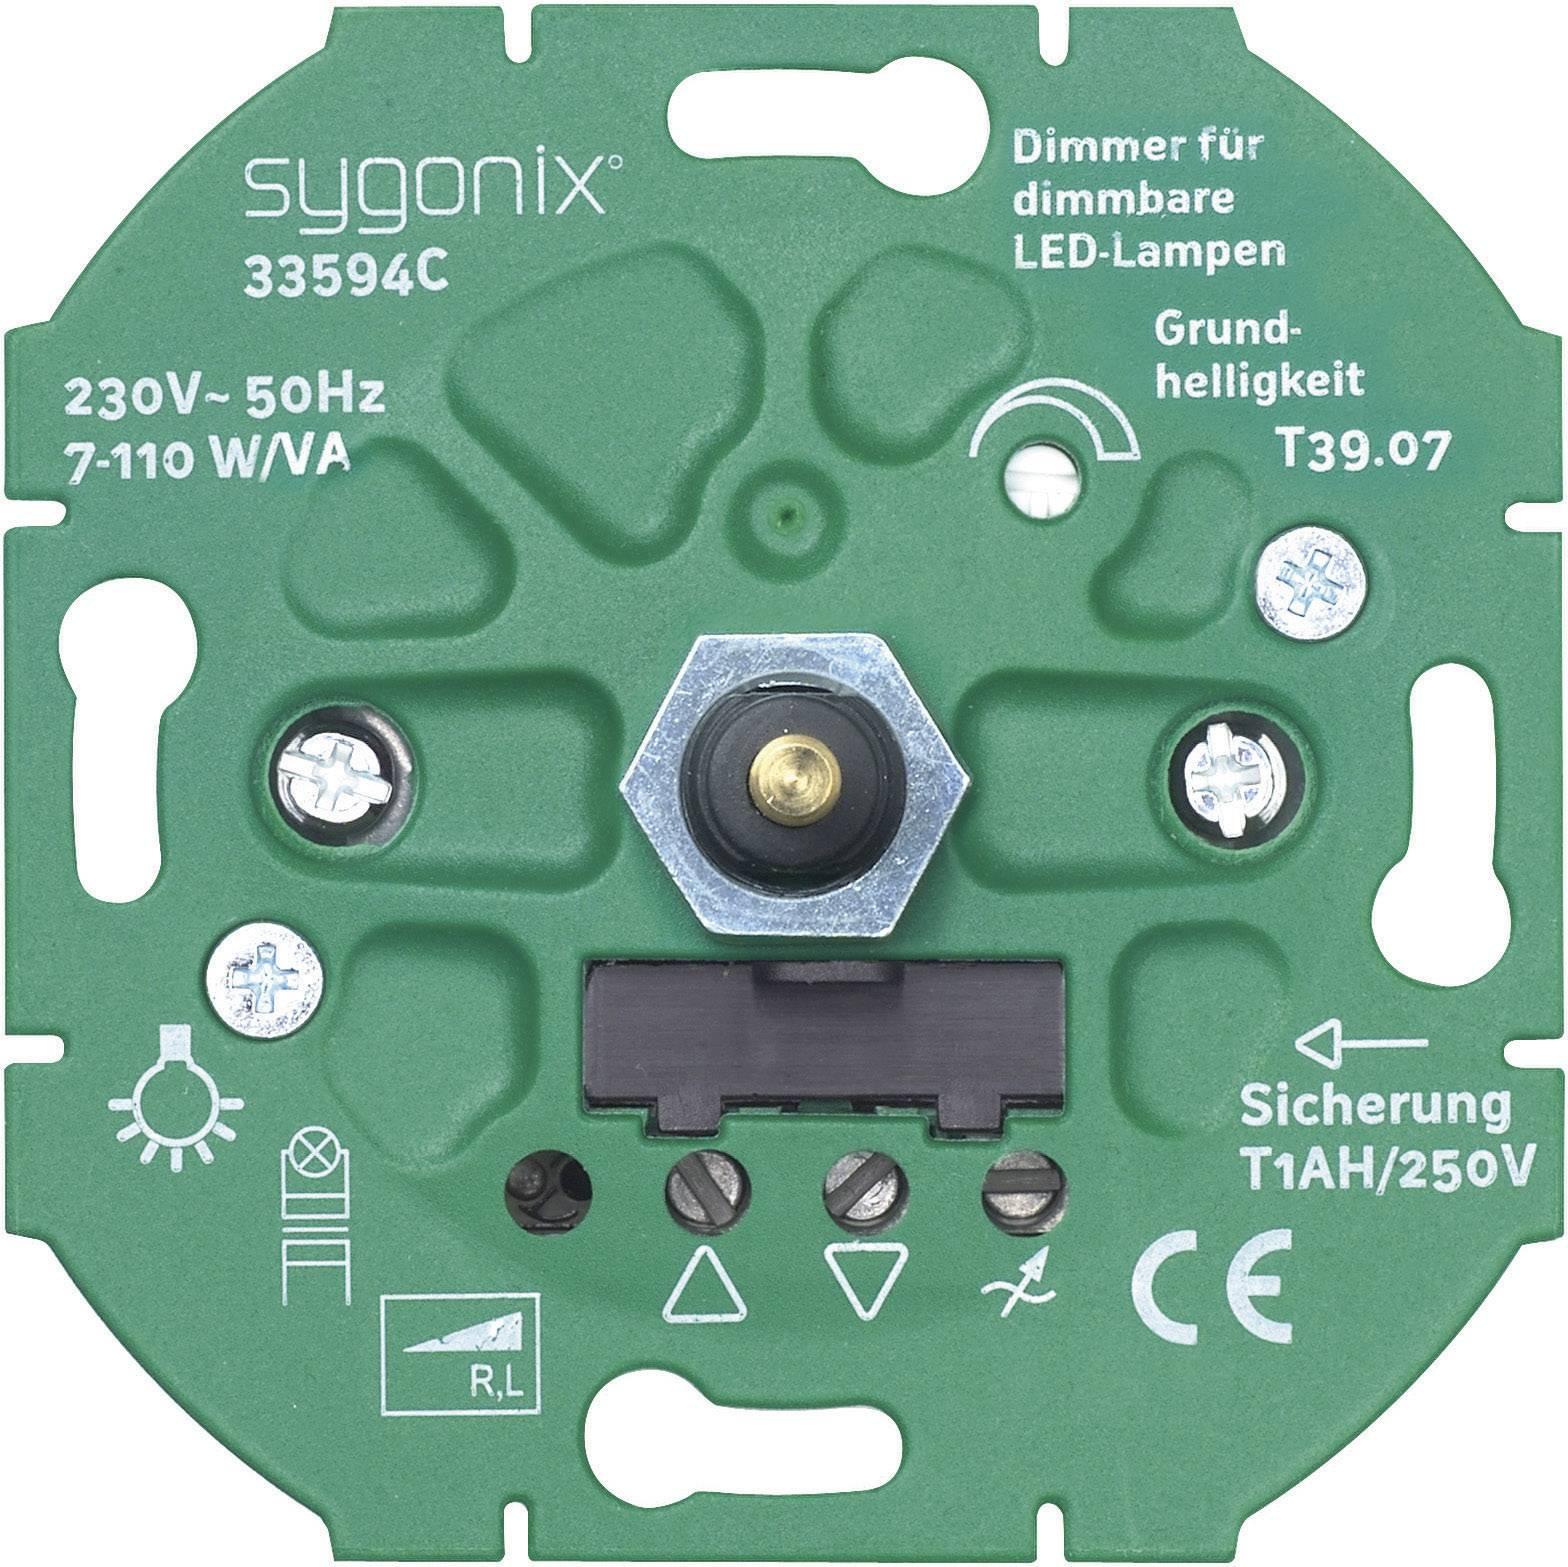 Wunderbar Sygonix Insert Dimmer SX.11 33594C